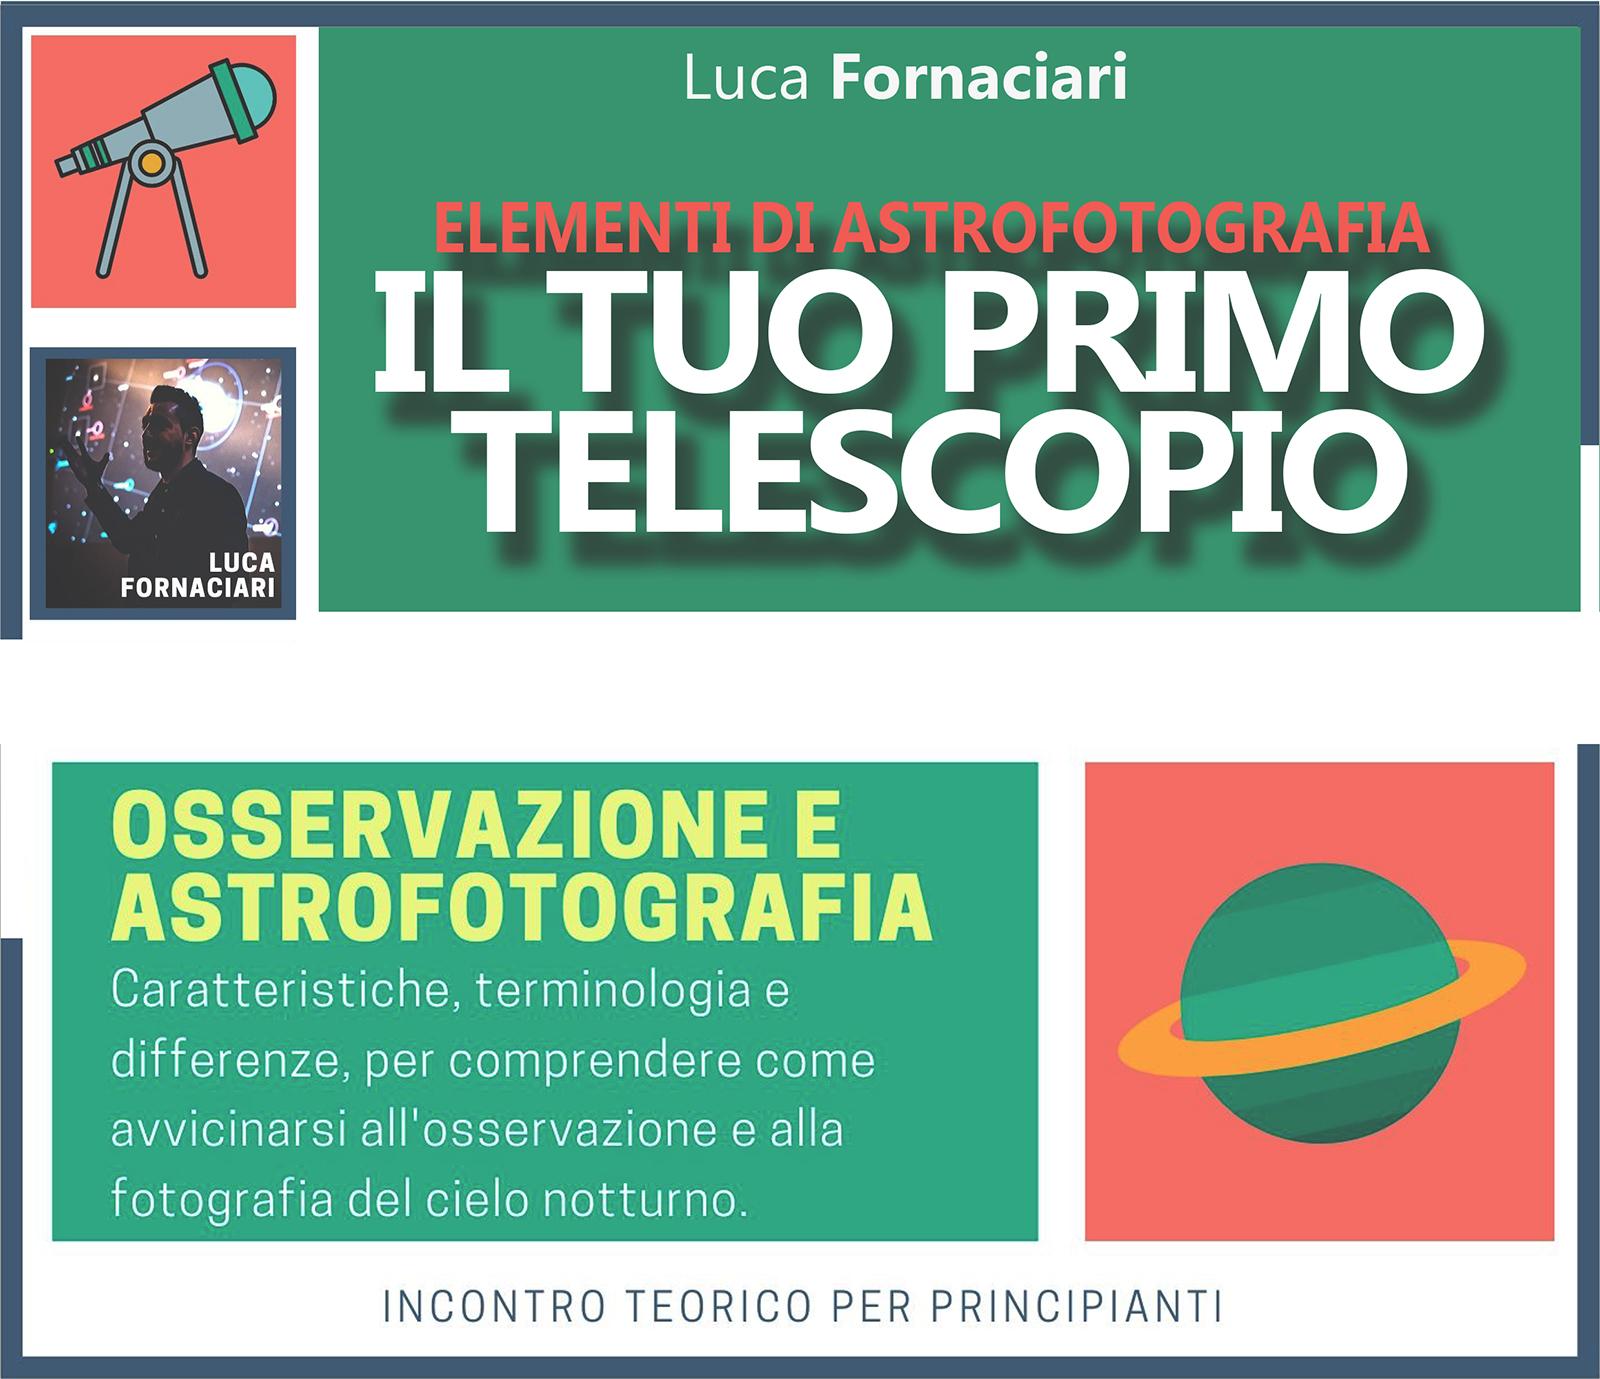 Elementi di Astrofotografia: Il Tuo Primo Telescopio SCUOLA CORSO astrofotografia lezione lezioni guida streaming fotografia notturna